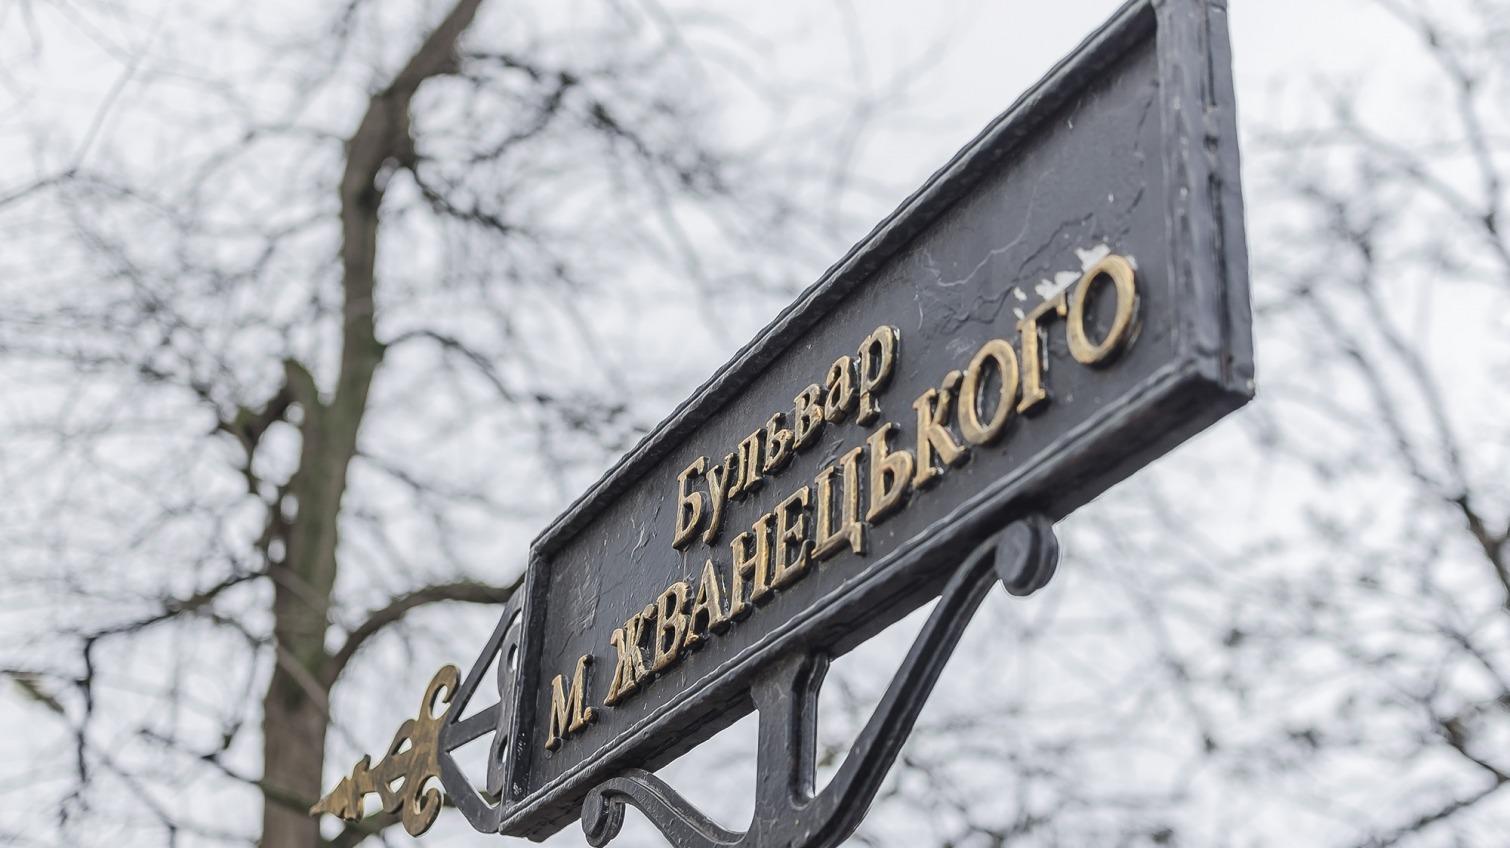 Склоны под бульваром Жванецкого: забвение и ремонт (фото) «фото»